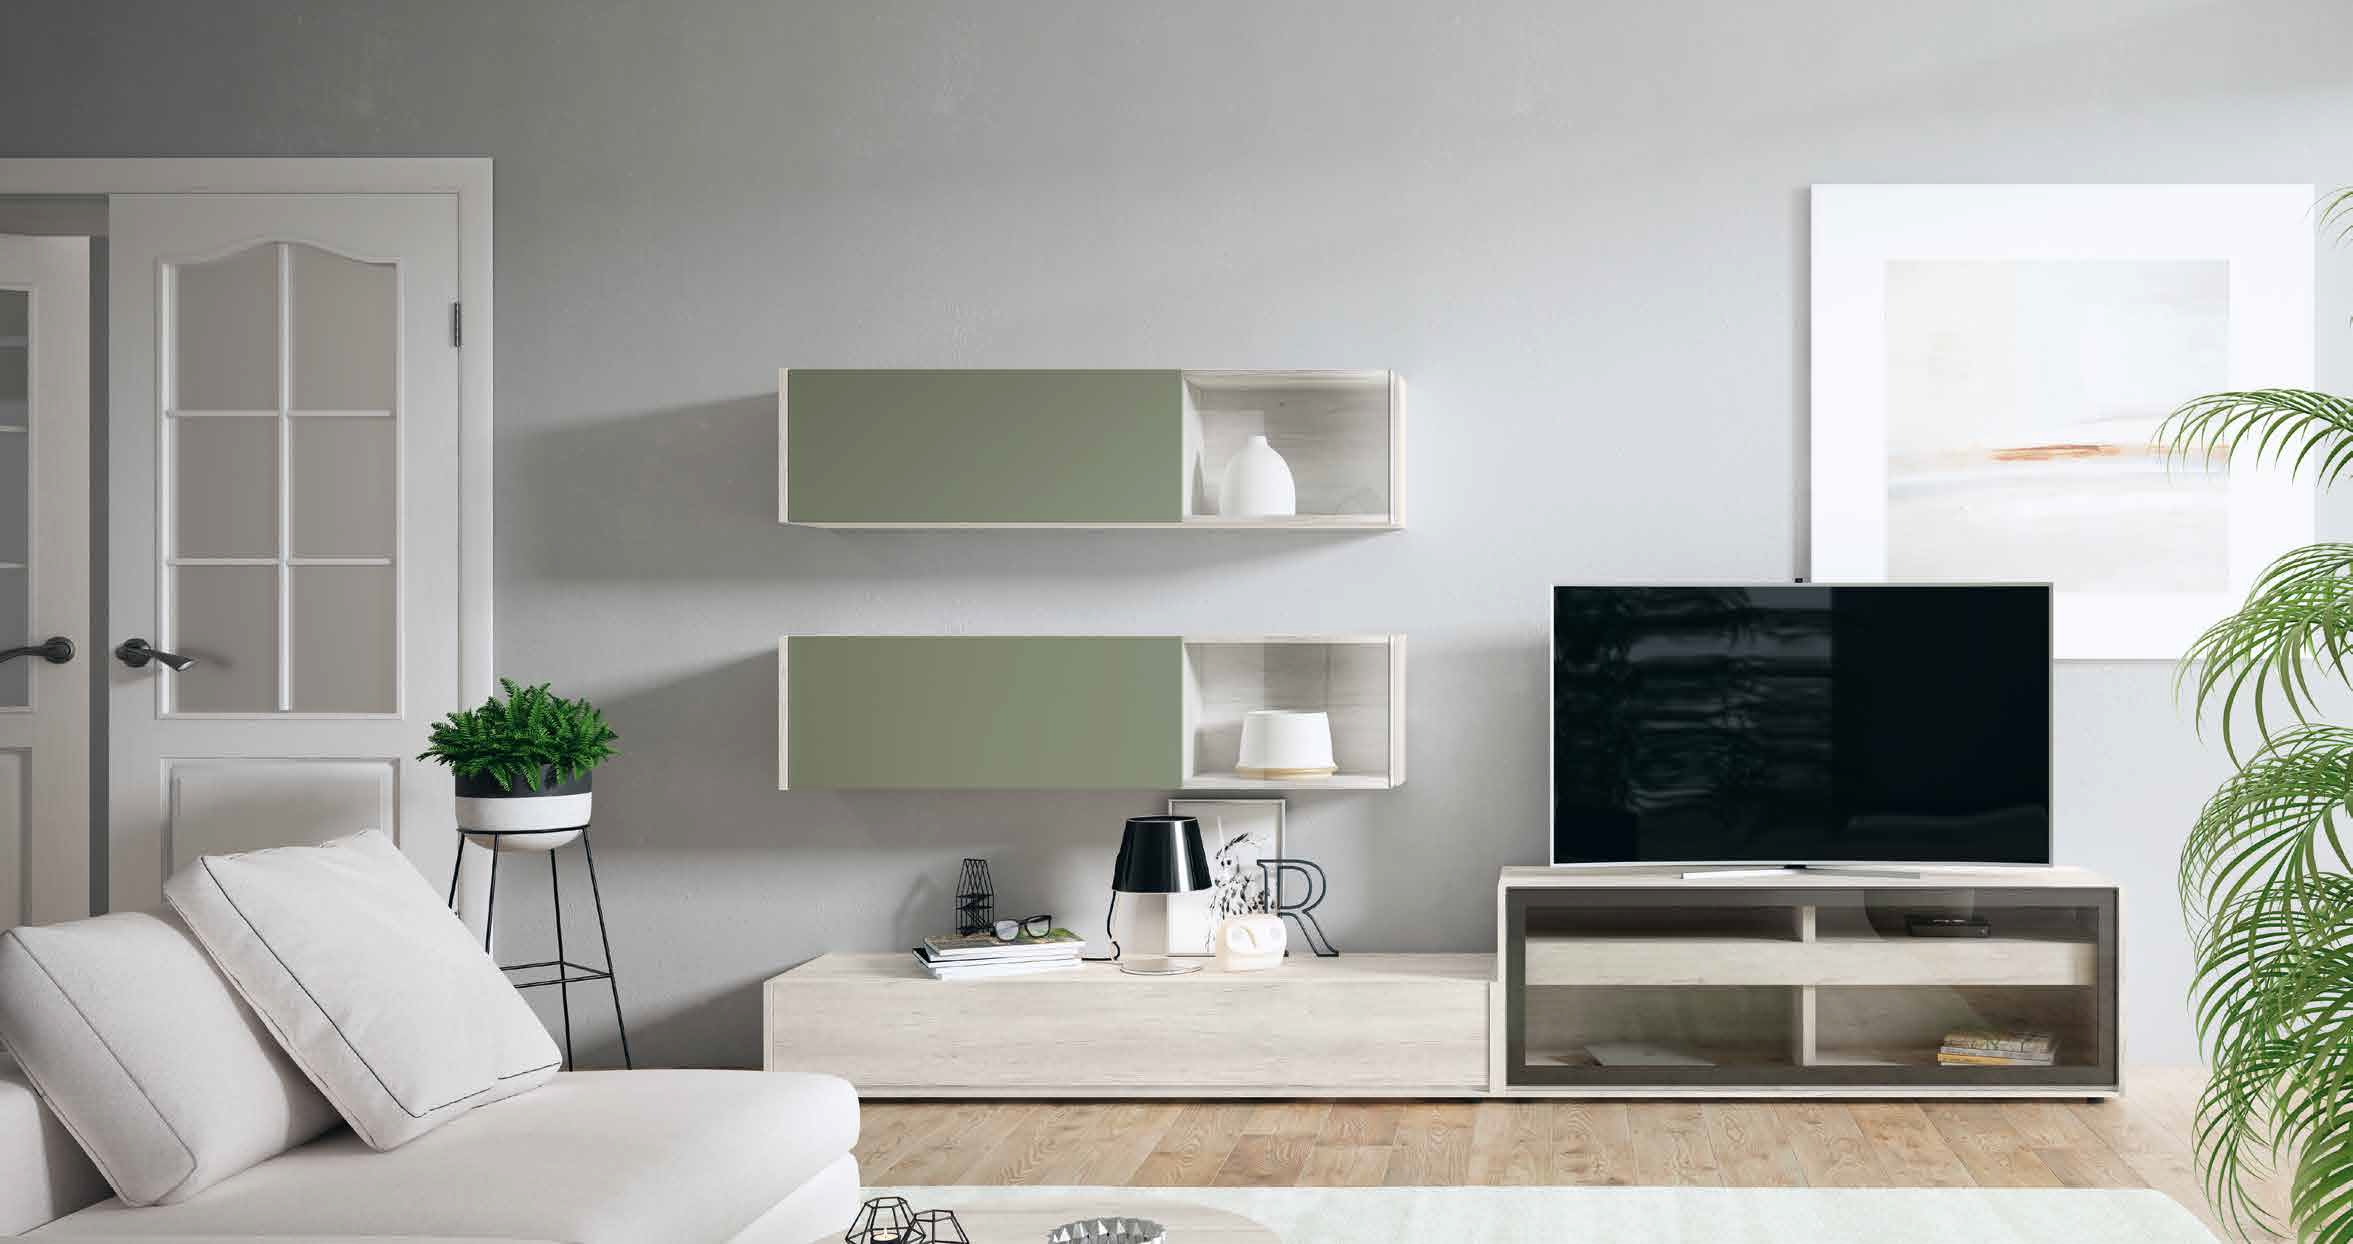 salon-moderno-Nativ-2019-muebles-paco-caballero-0920-5c8cea9e2bacd